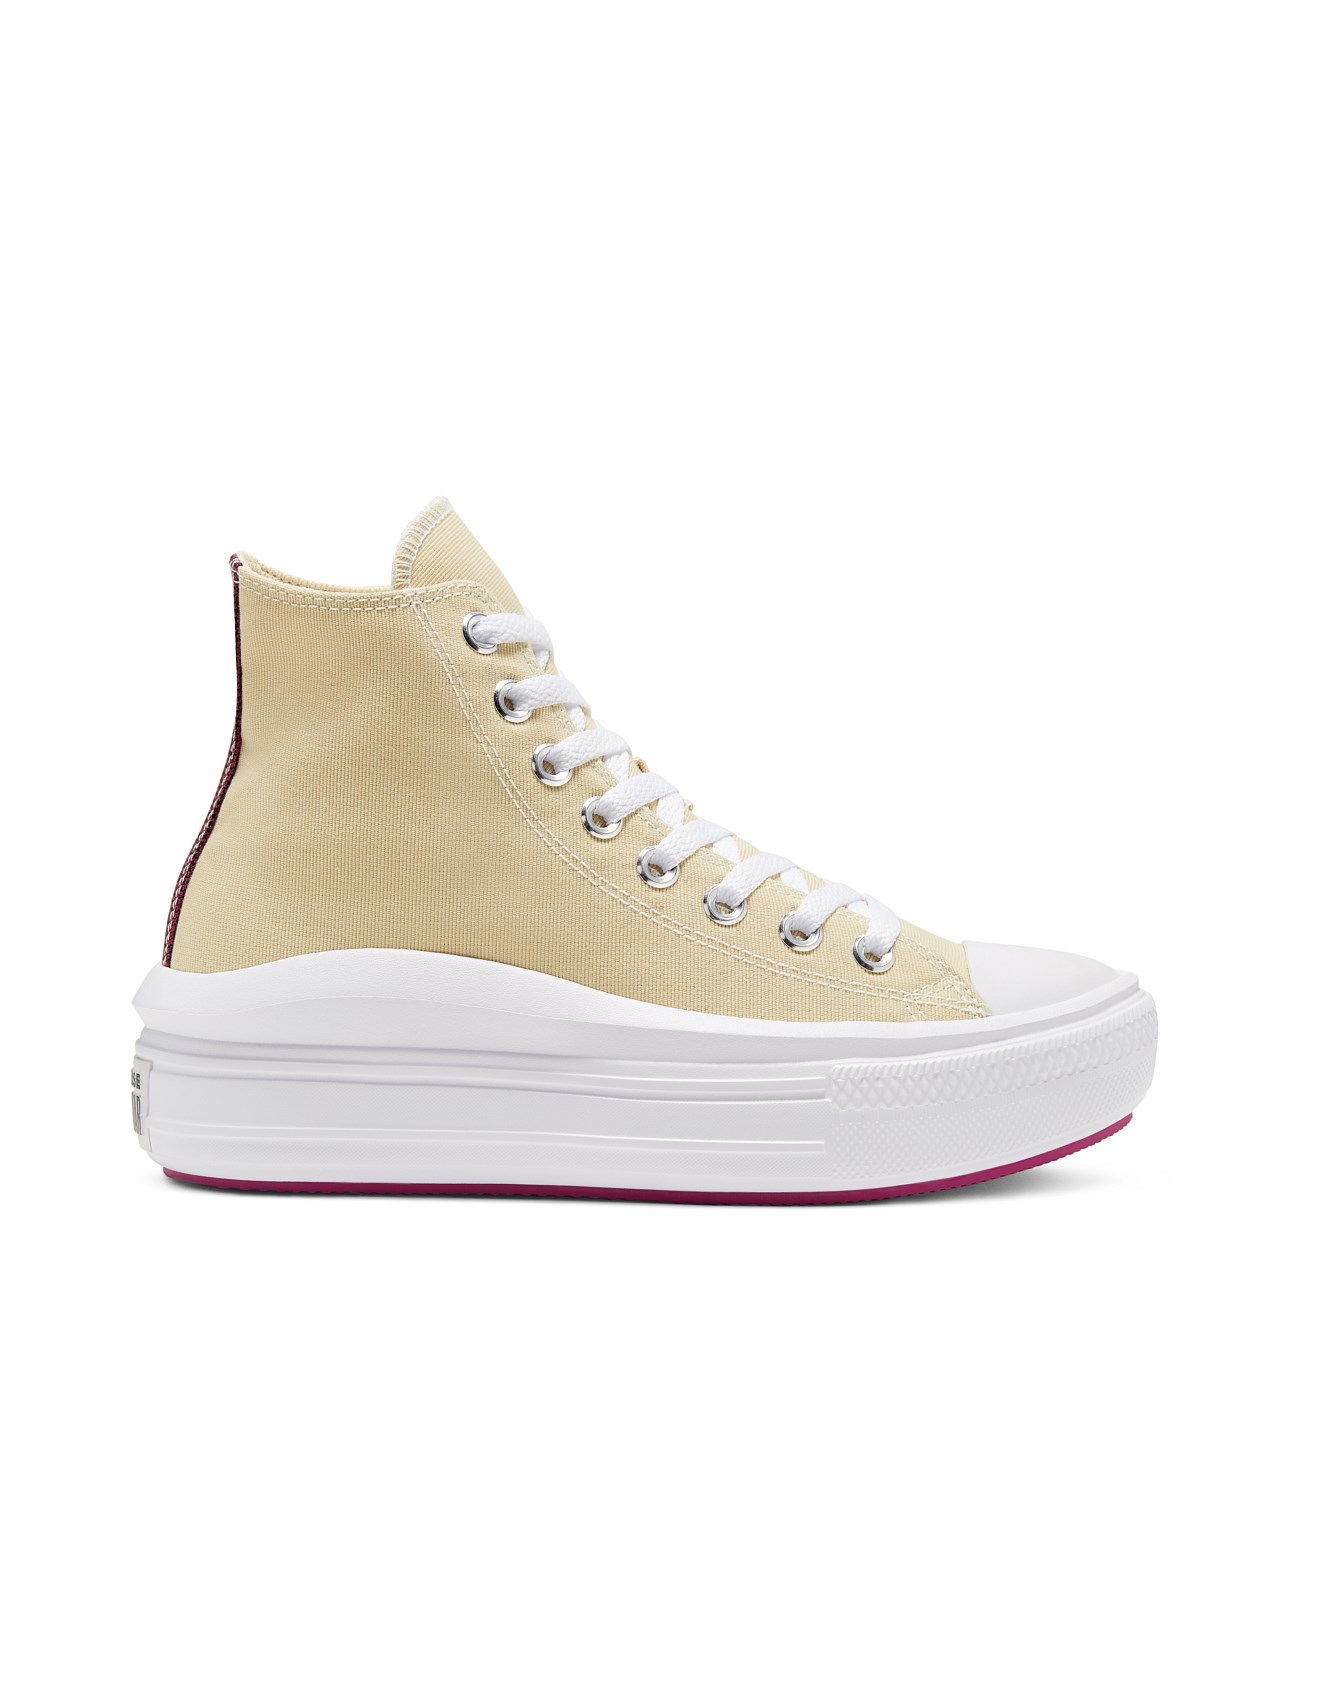 emprender tensión cebolla  Converse   Buy Converse Shoes Online   David Jones - Chuck Taylor All Star  Move Platform Hi Sneaker